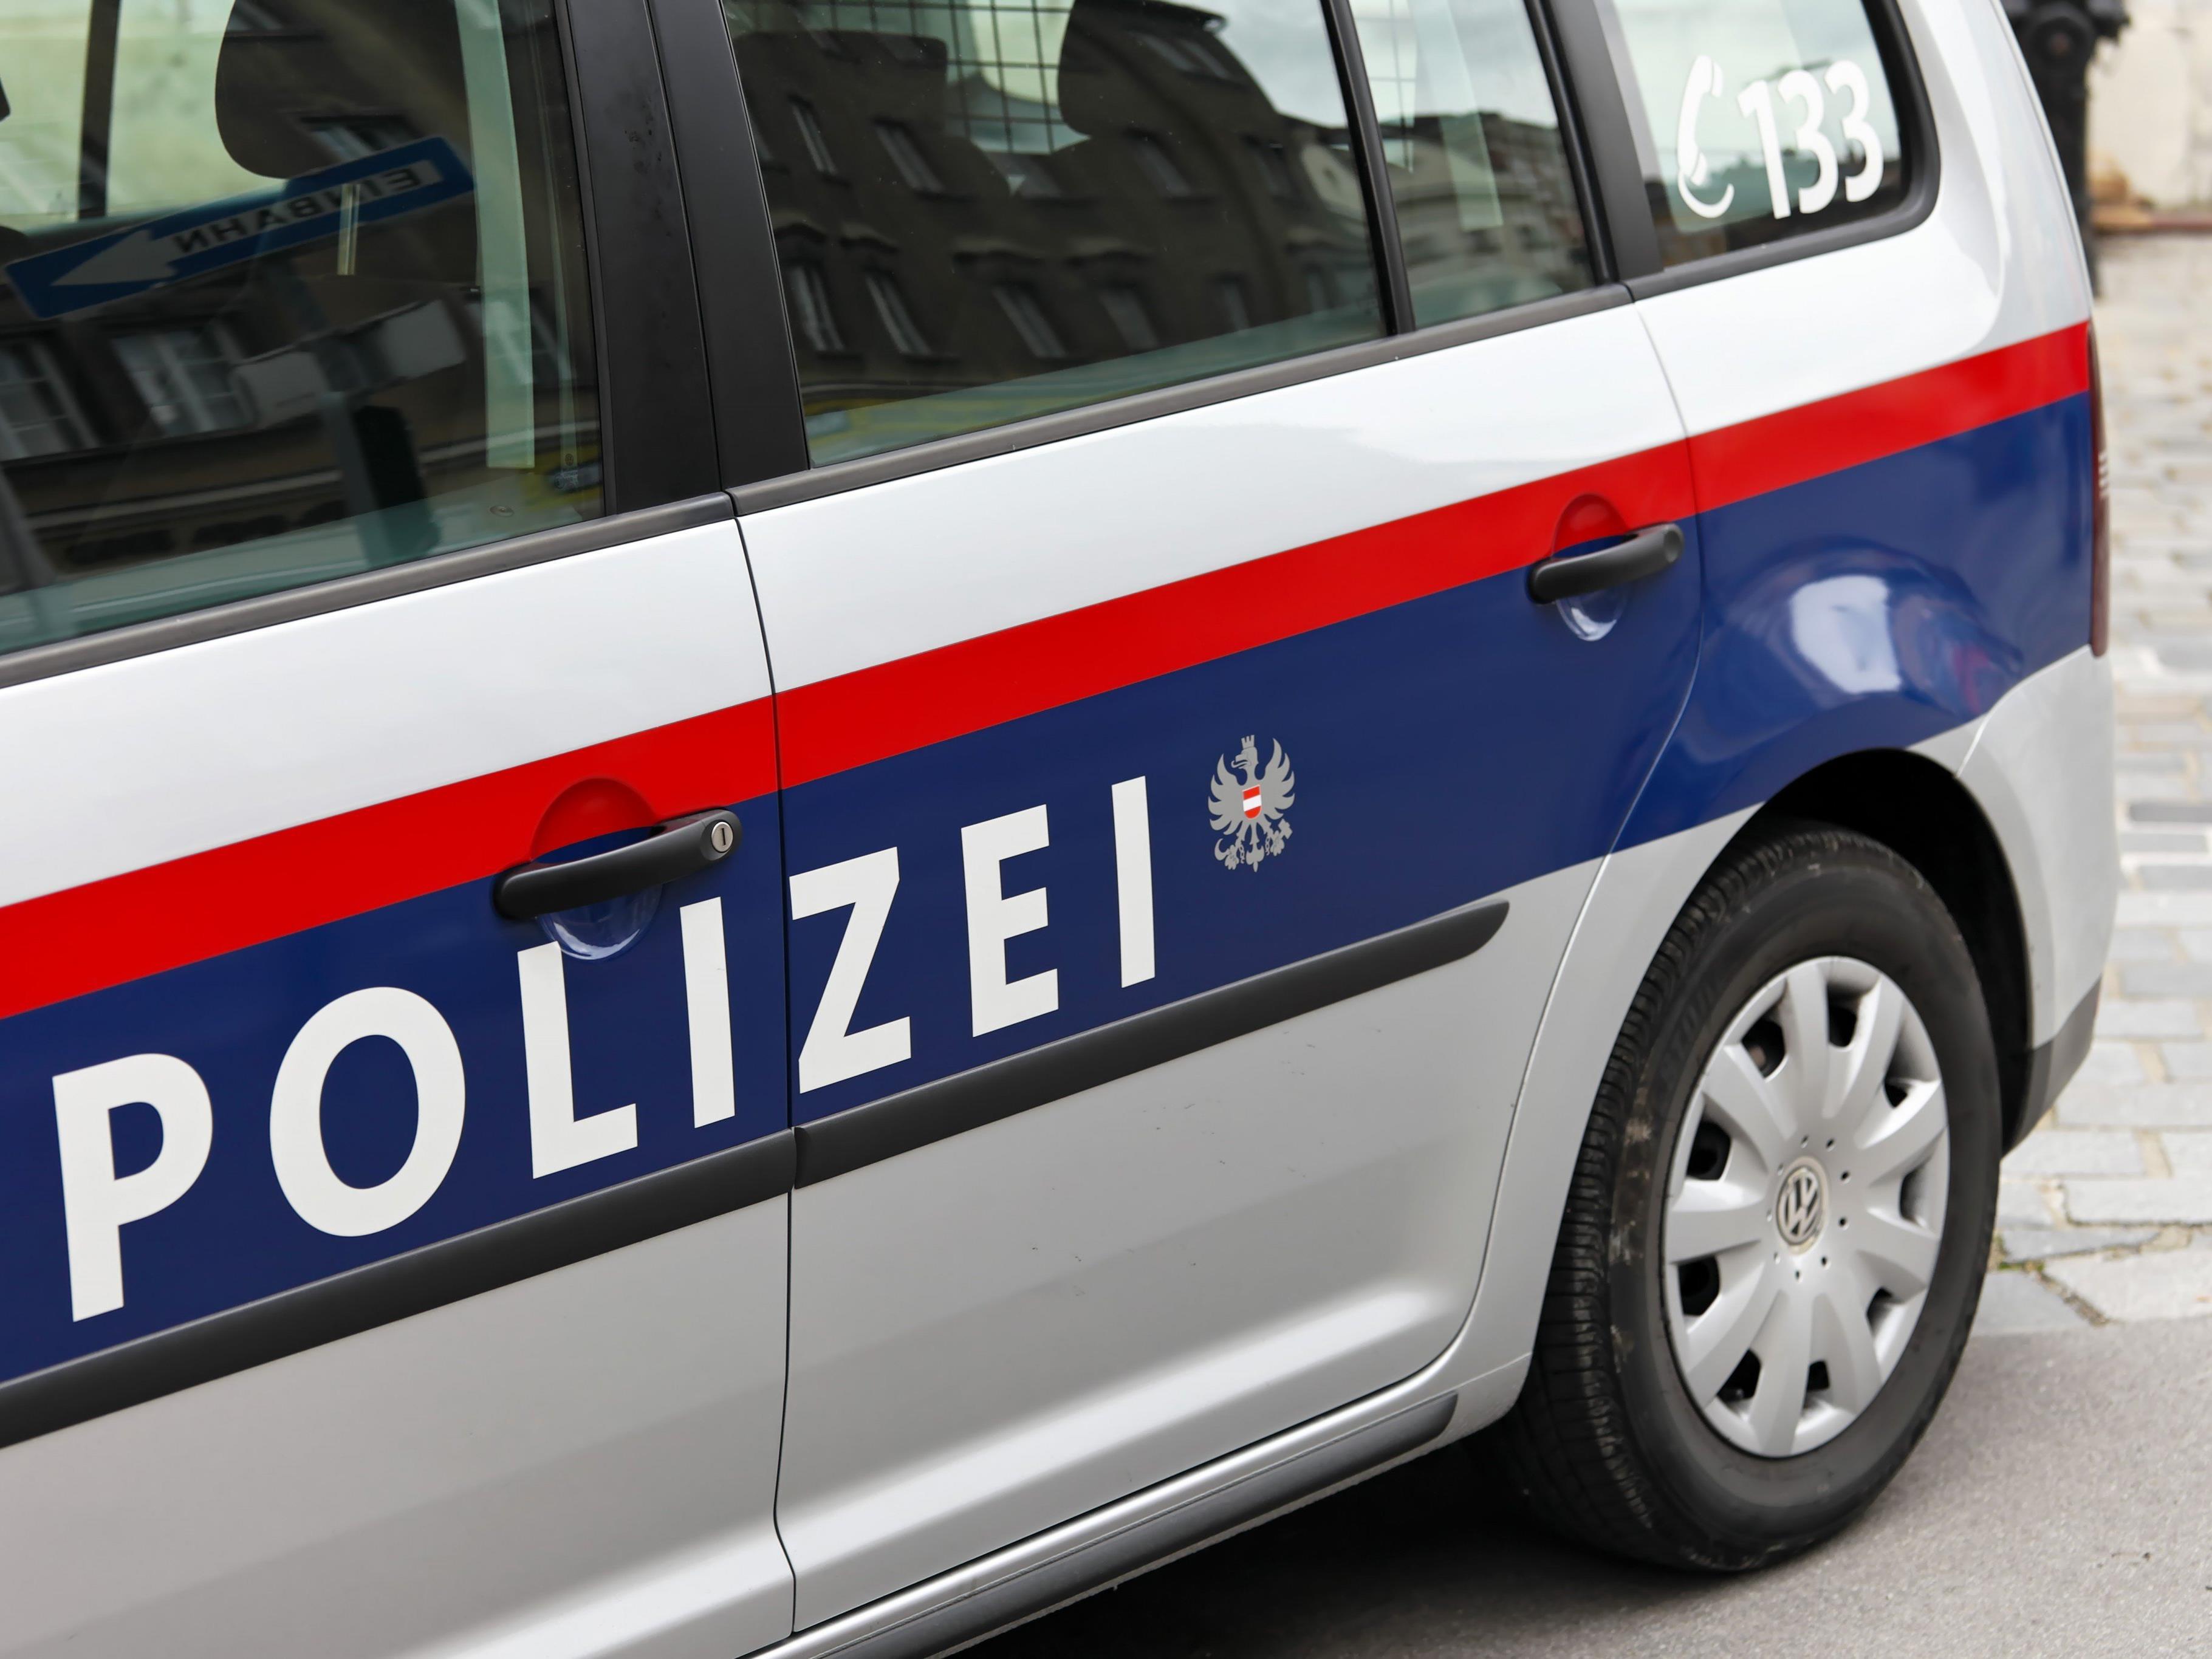 Polizei ersucht Zeugen um Mithilfe.